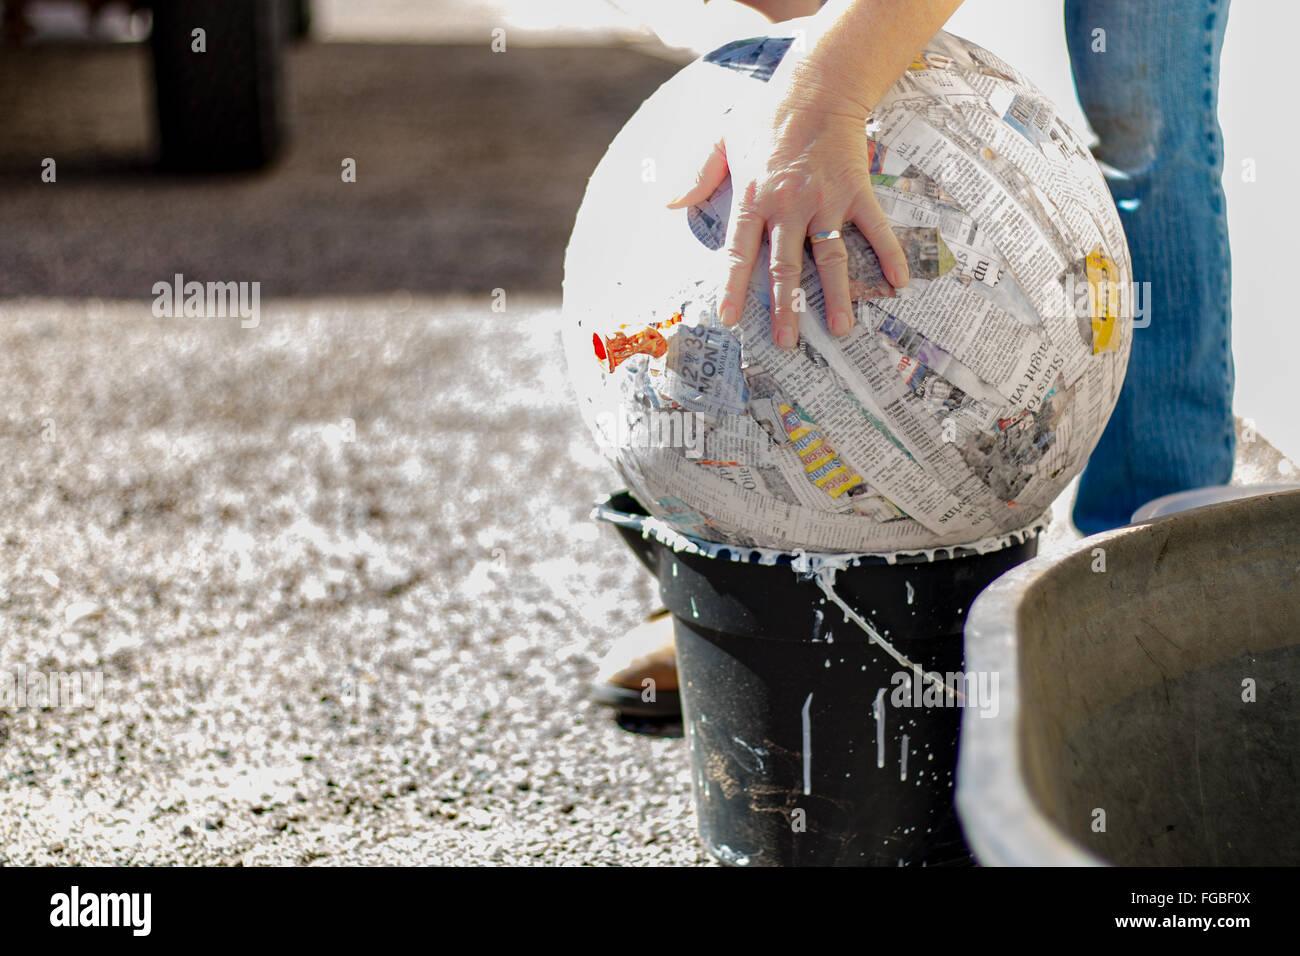 Bild von Hand berühren Papier Pappmaché-Kugel auf Eimer beschnitten Stockbild